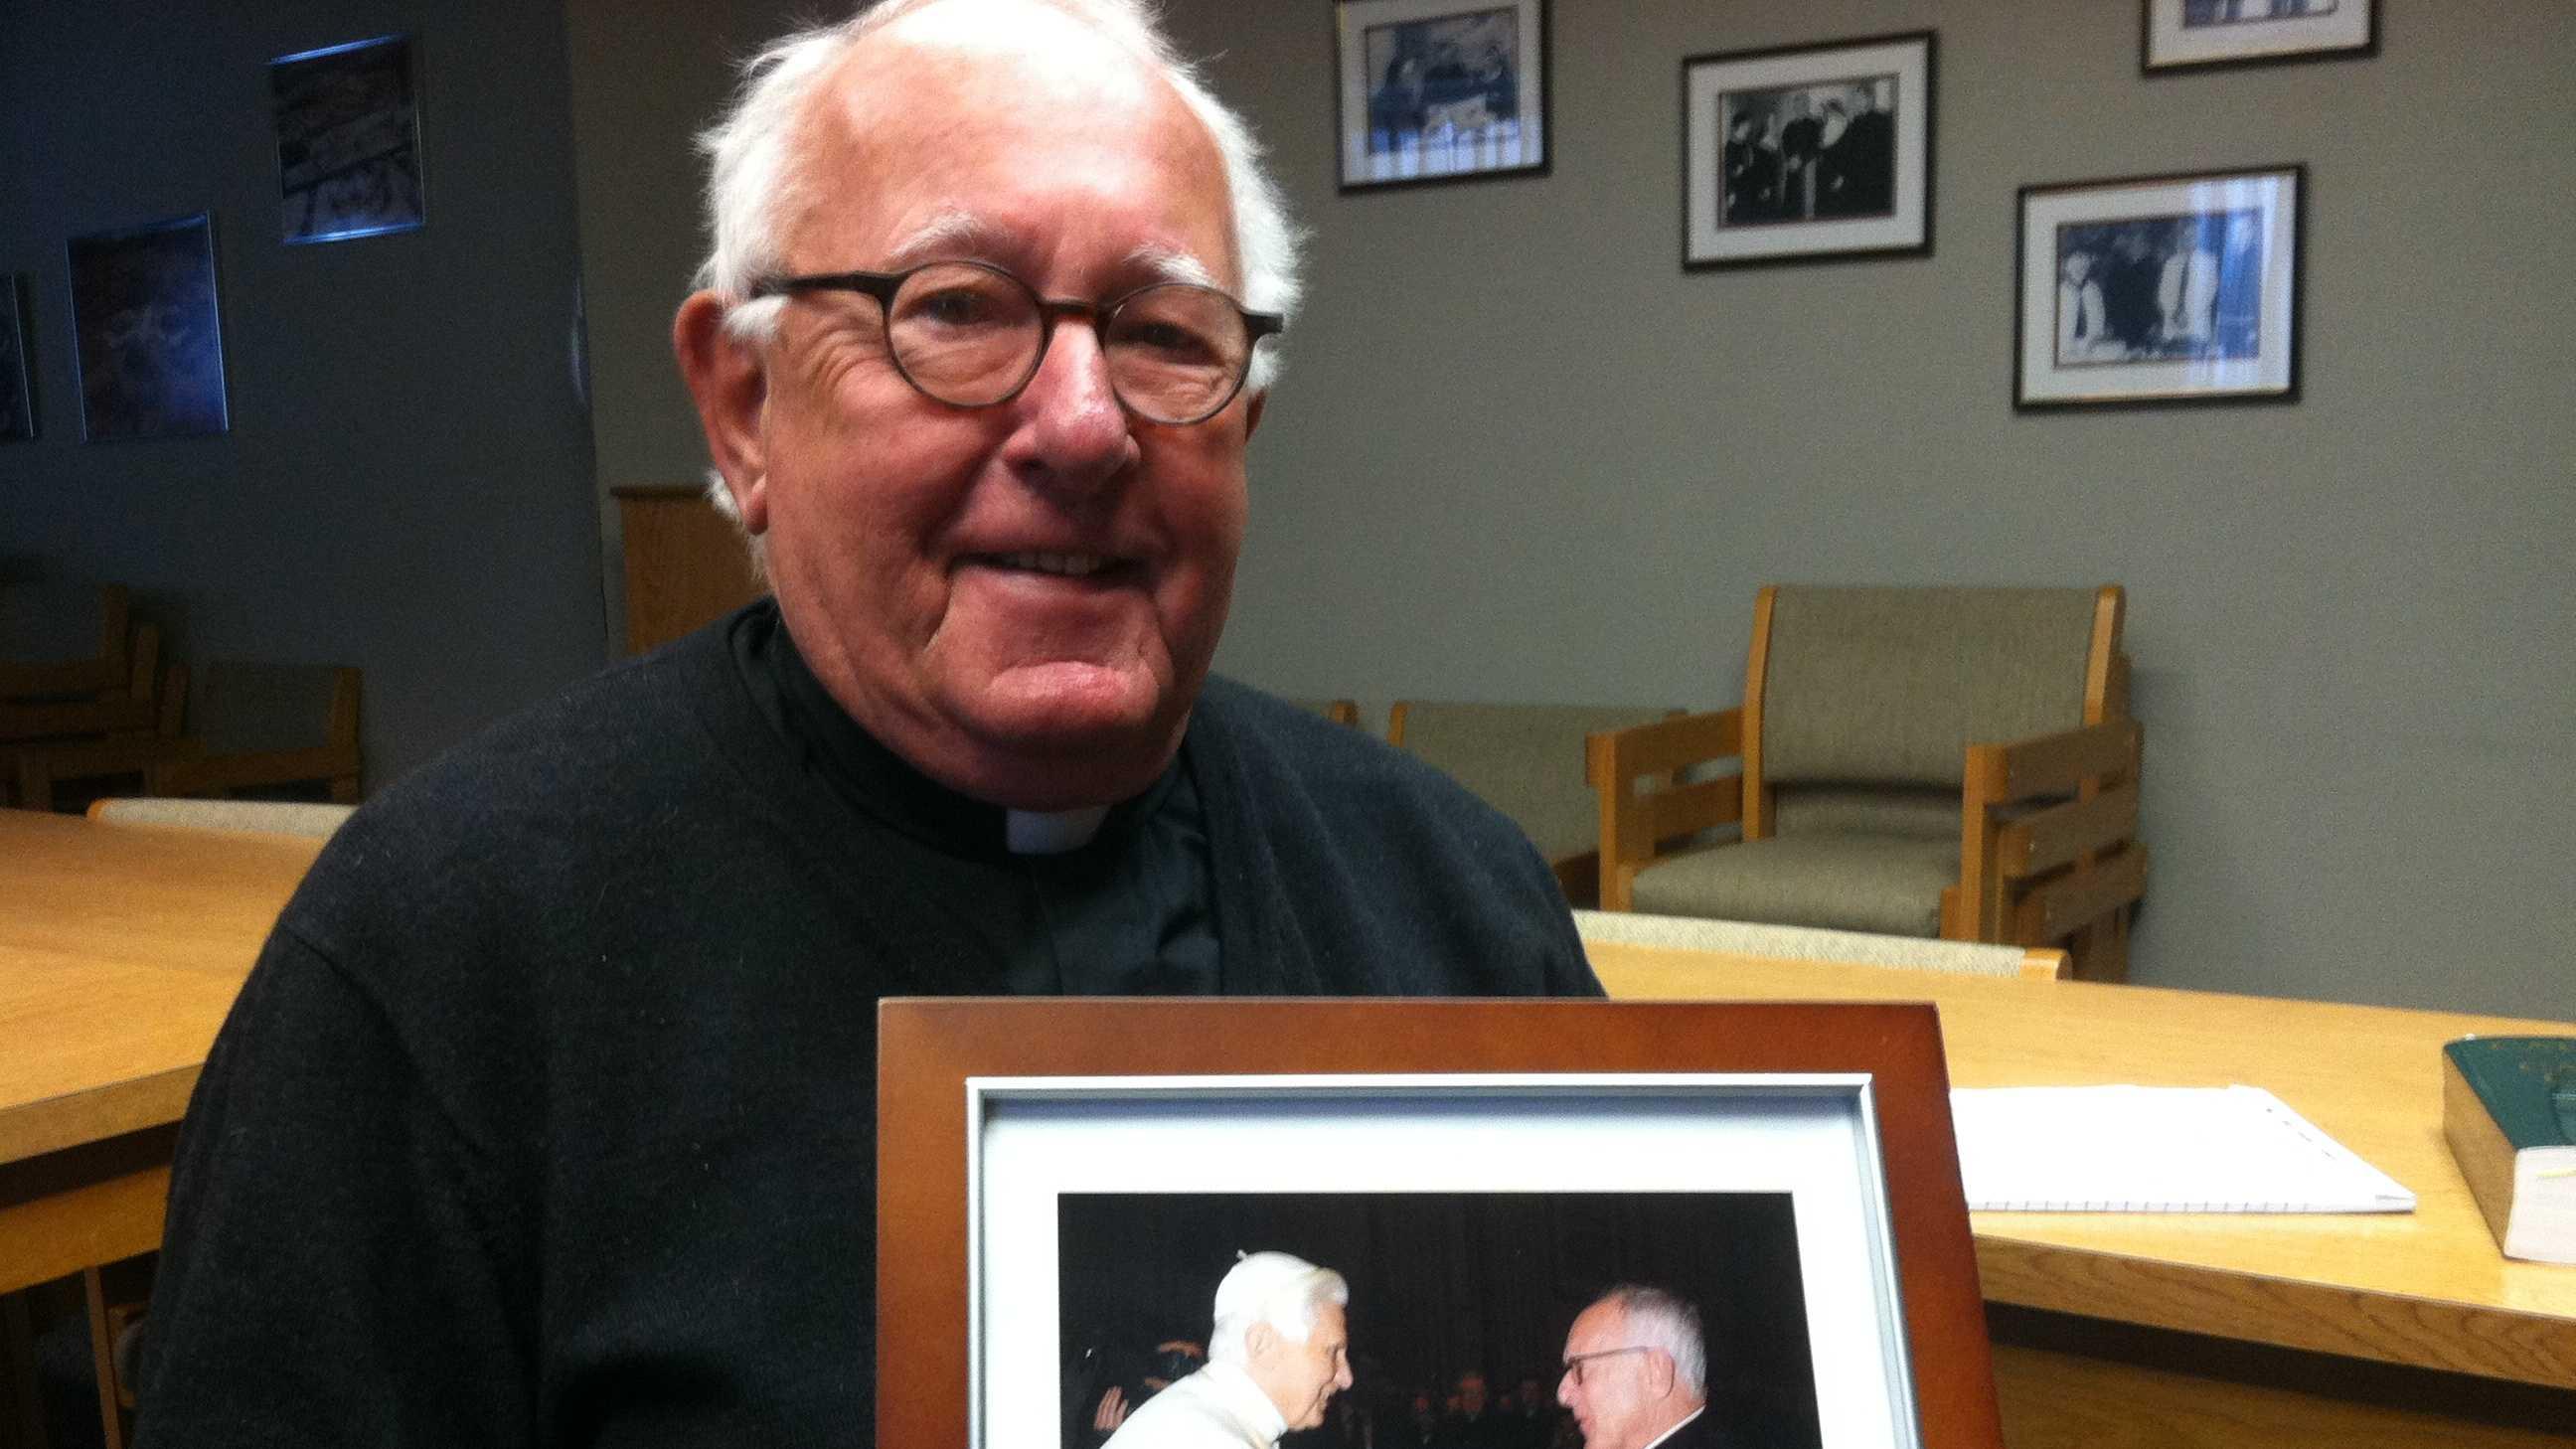 Monsignor Charles Murphy